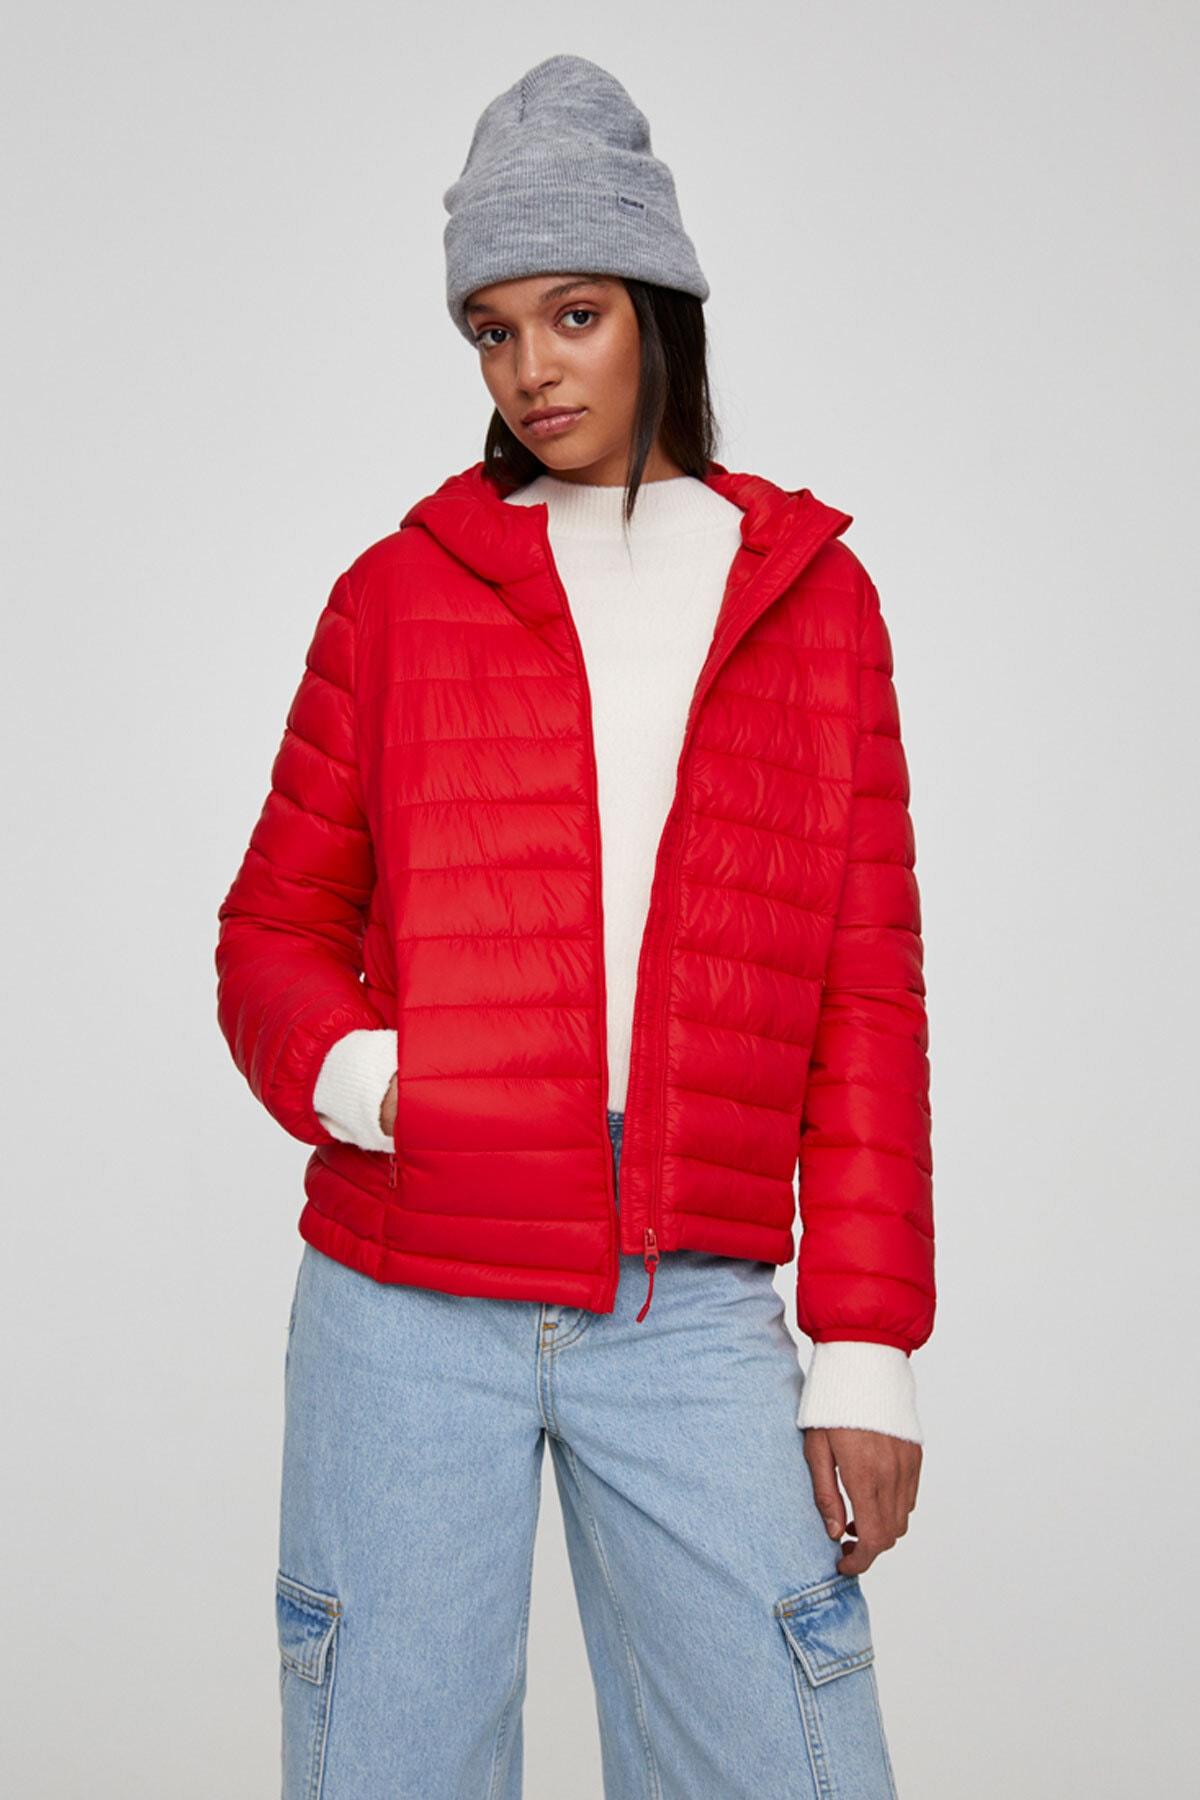 Pull & Bear Kadın Açık Kırmızı Basic Şişme Mont 09714333